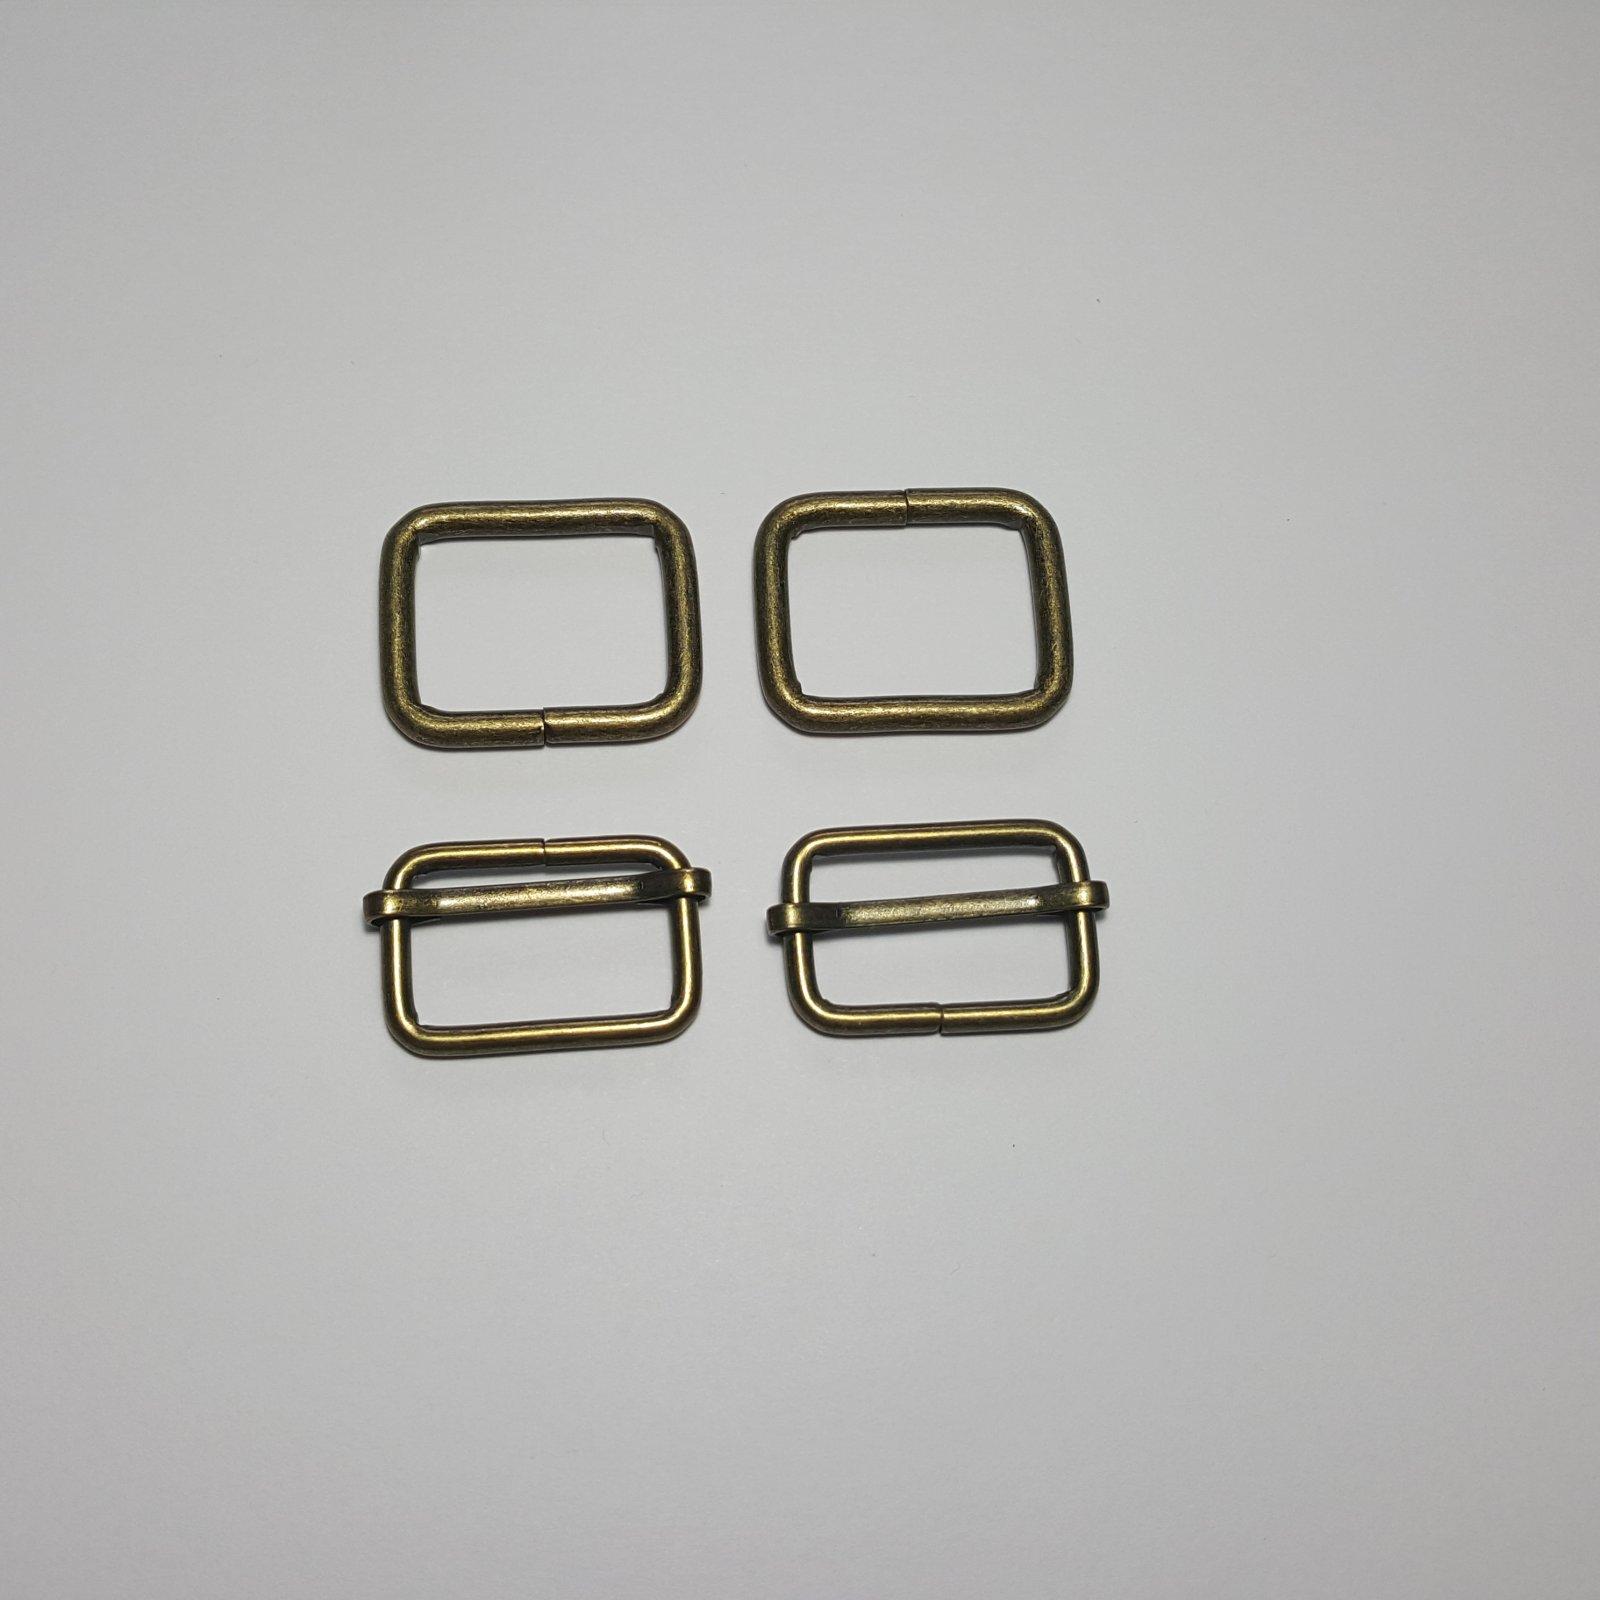 1- 2 Rectangle Rings + 2 Slides - Brass